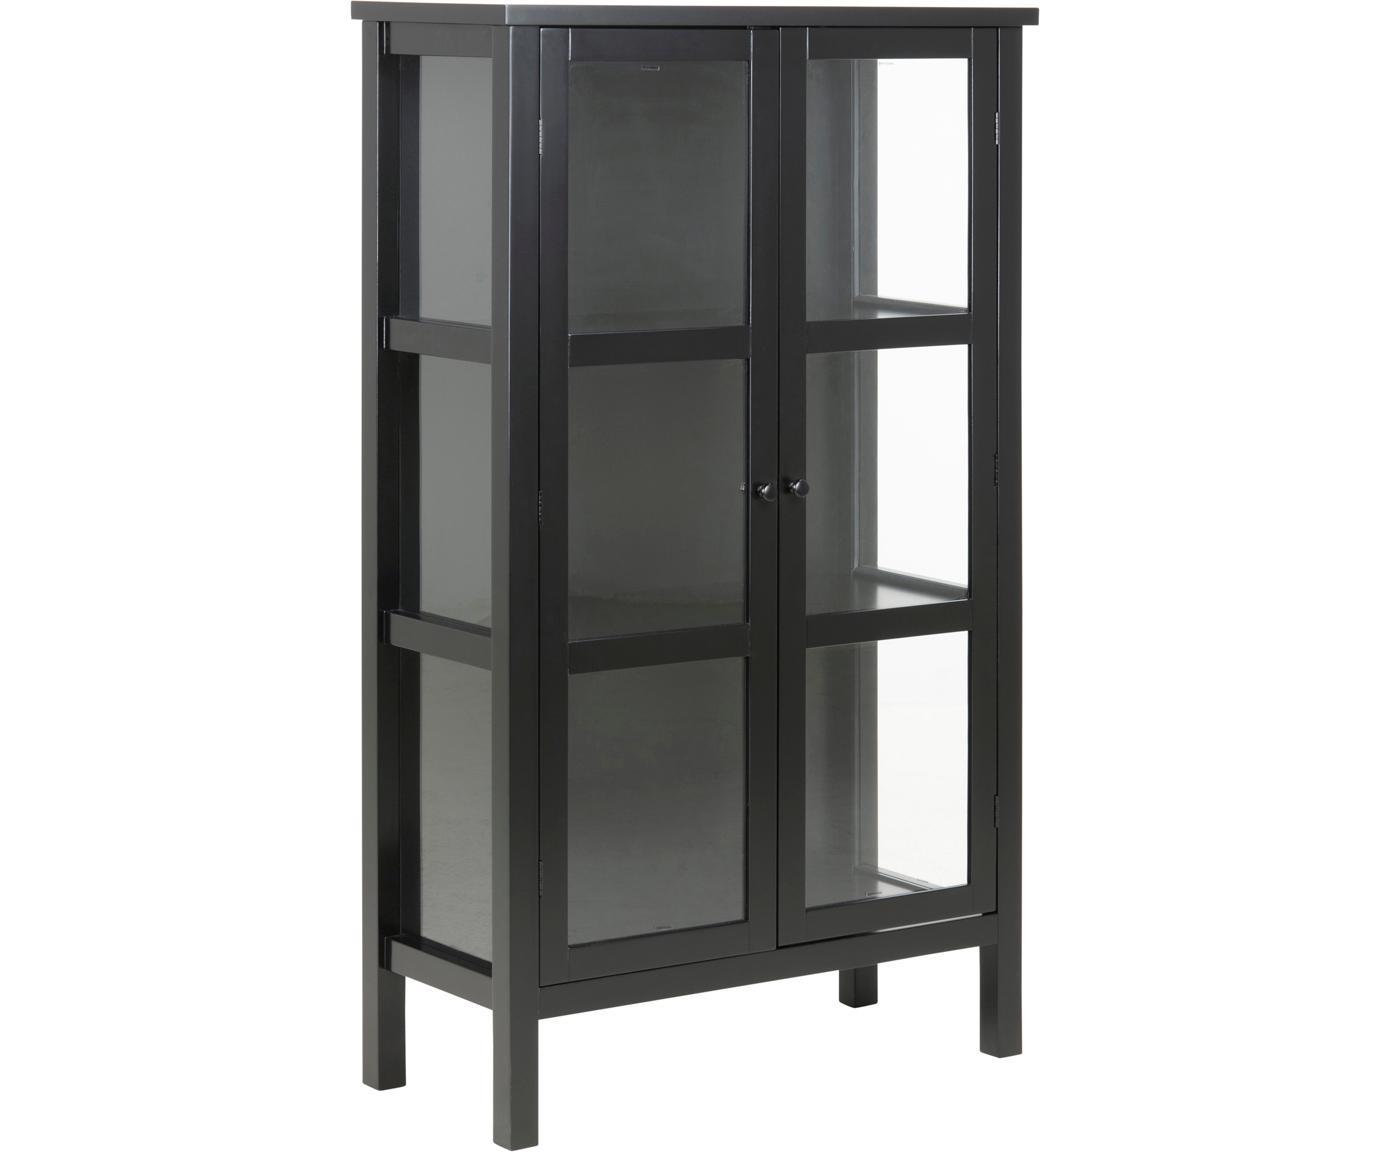 Vitrinekast Eton met houten frame, Lijst: gelakt MDF, Zwart, 80 x 137 cm